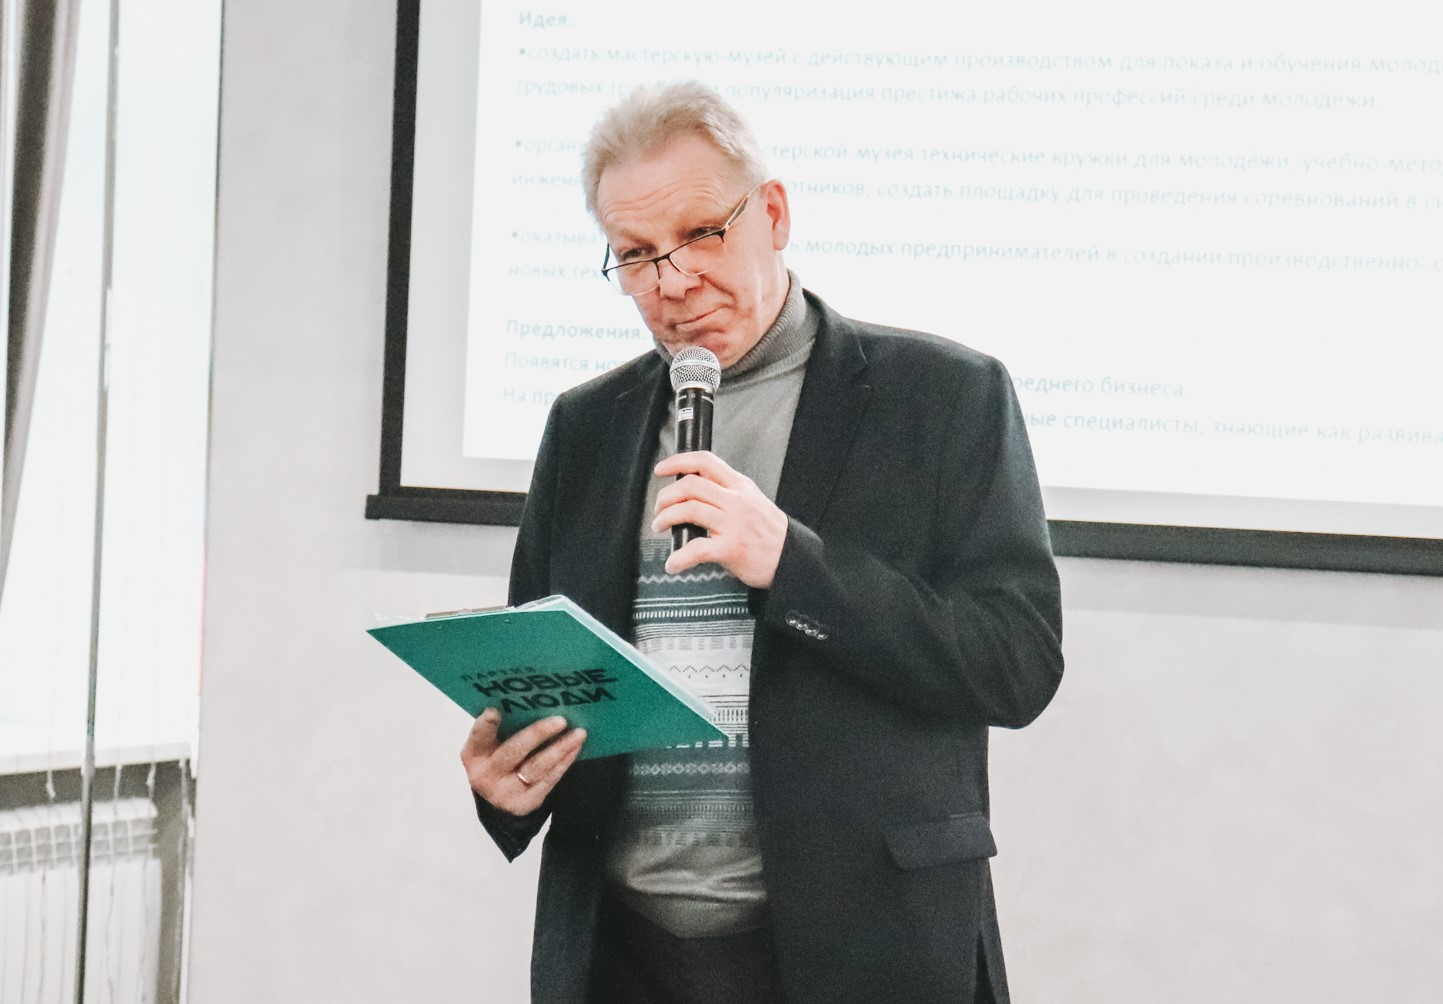 Житель поселка Игра Александр Обухов предложил на конкурс идею создания работающей мастерской-музея.